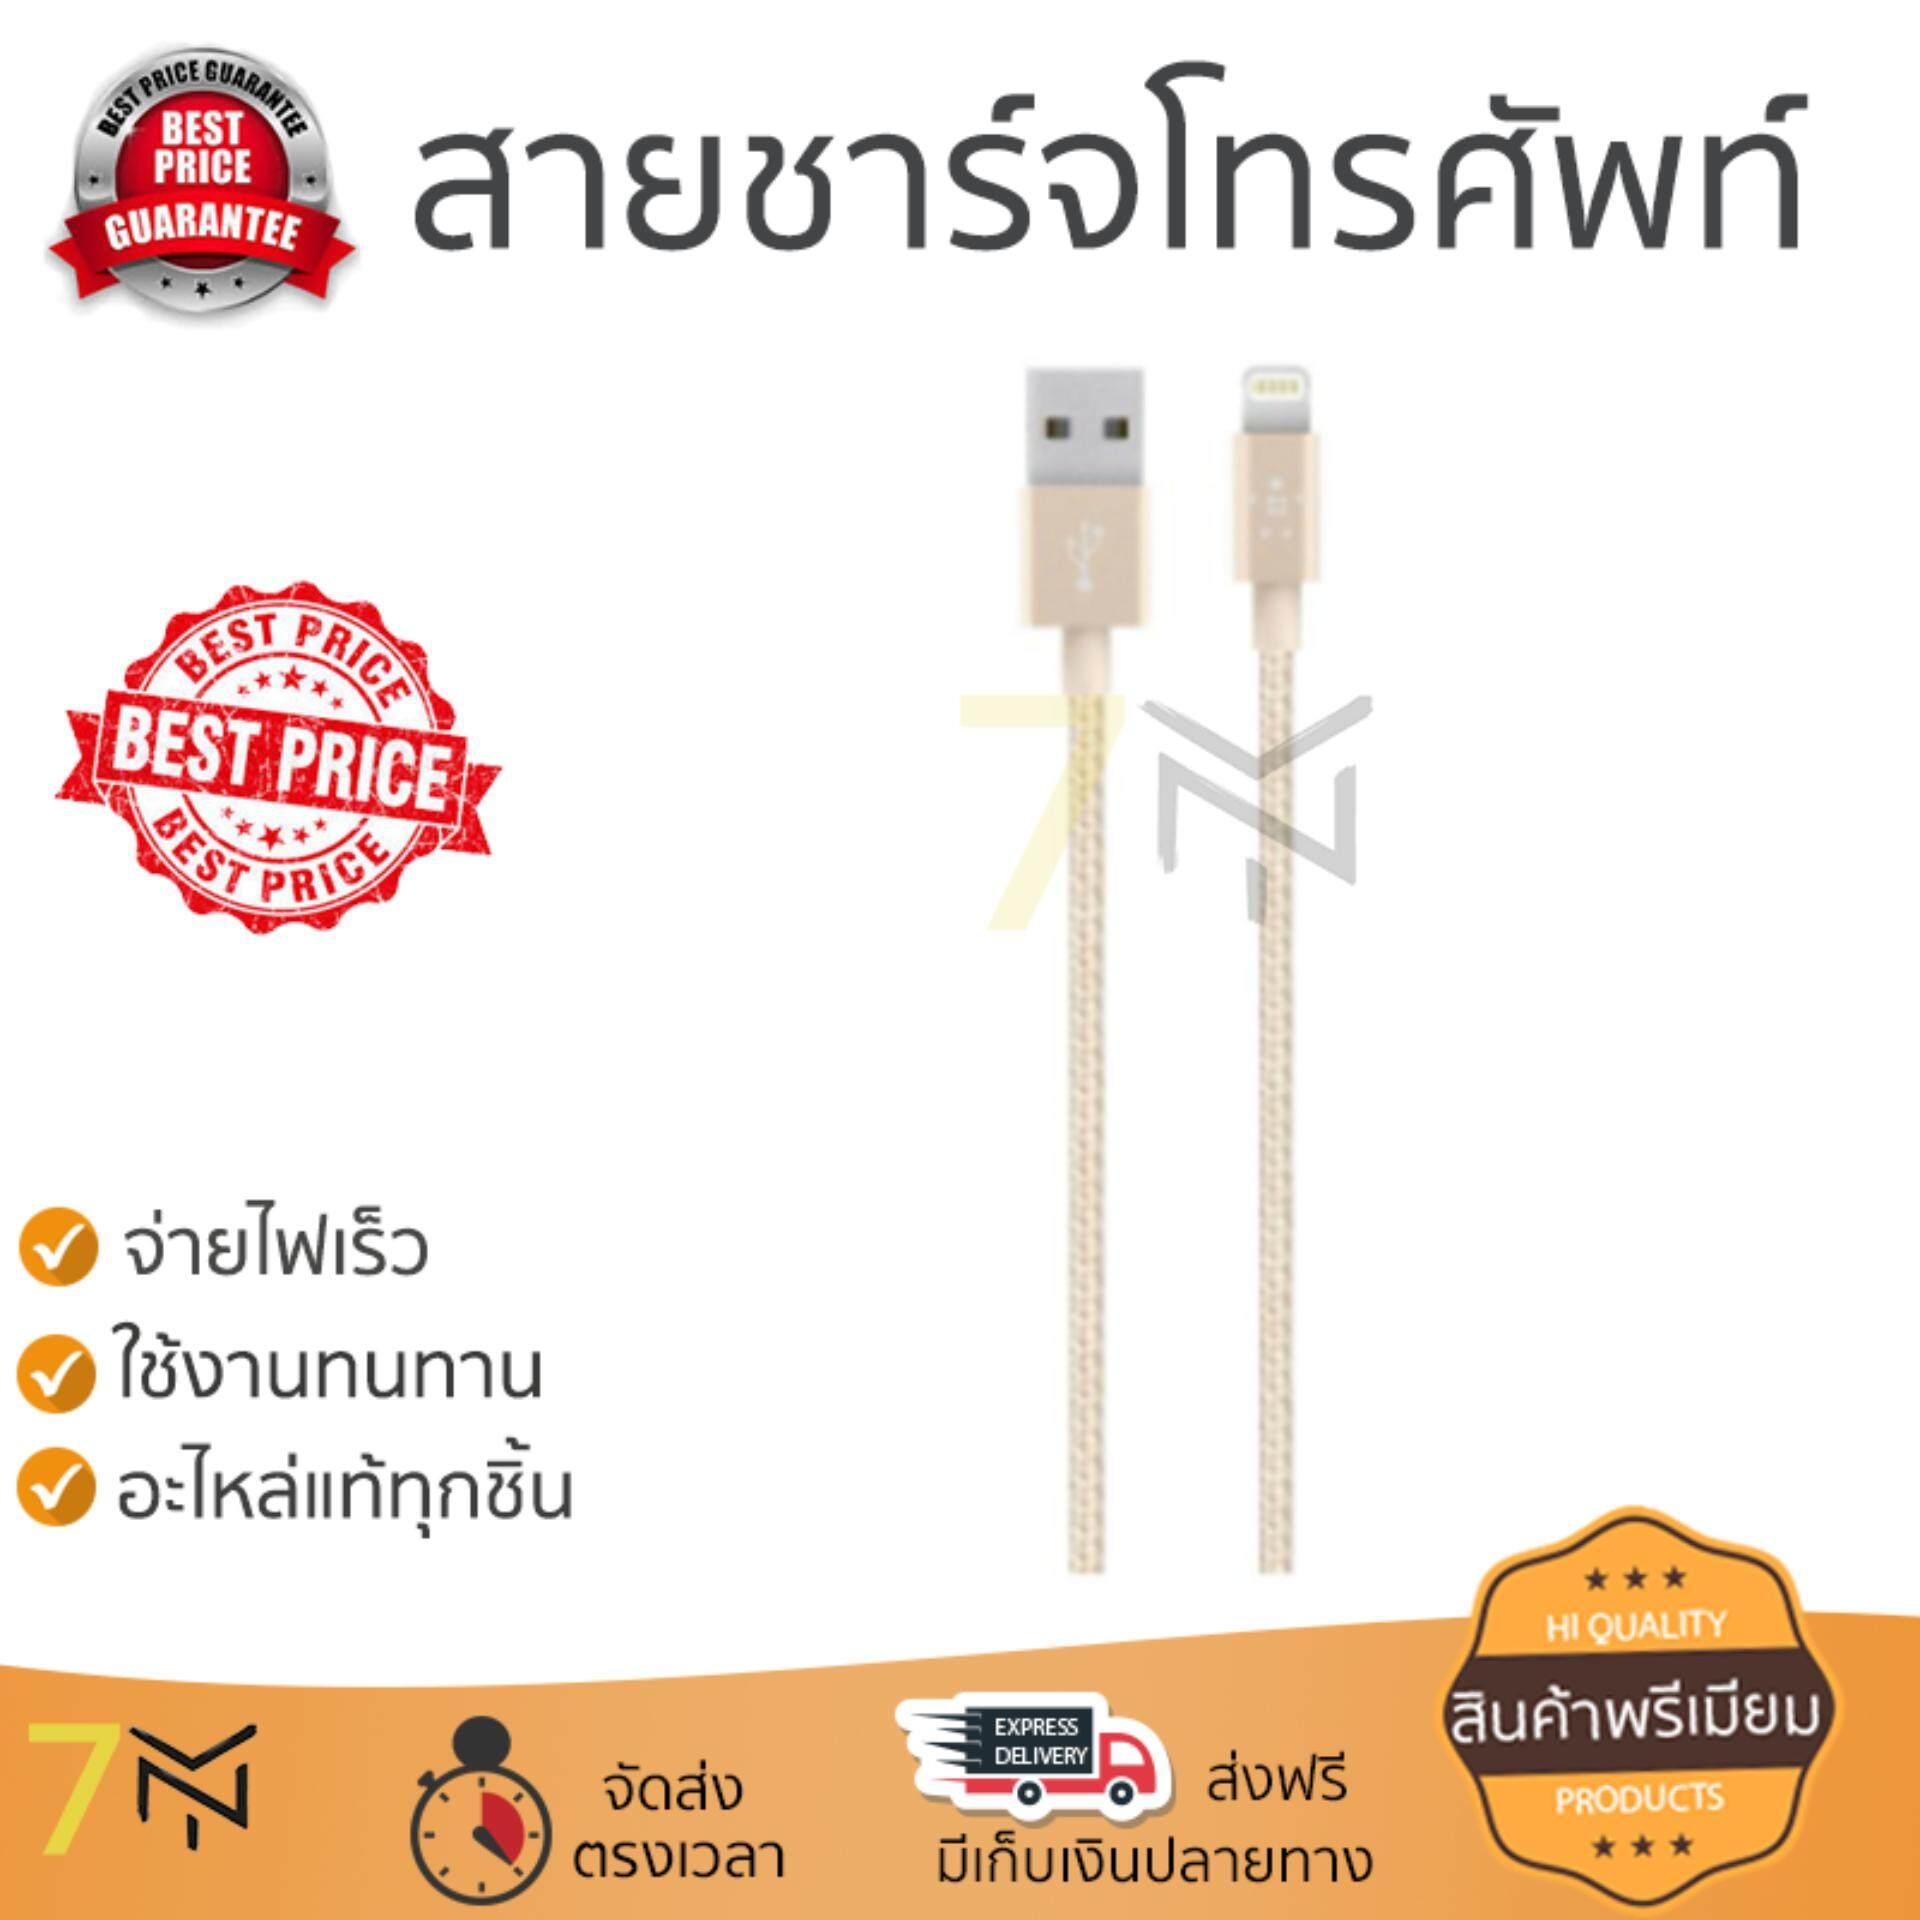 เก็บเงินปลายทางได้ ราคาพิเศษ รุ่นยอดนิยม สายชาร์จโทรศัพท์ Belkin MixIT Metallic Lightning Cable 1.2M. Gold (F8J144bt04-GLD) สายชาร์จทนทาน แข็งแรง จ่ายไฟเร็ว Mobile Cable จัดส่งฟรี Kerry ทั่วประเทศ